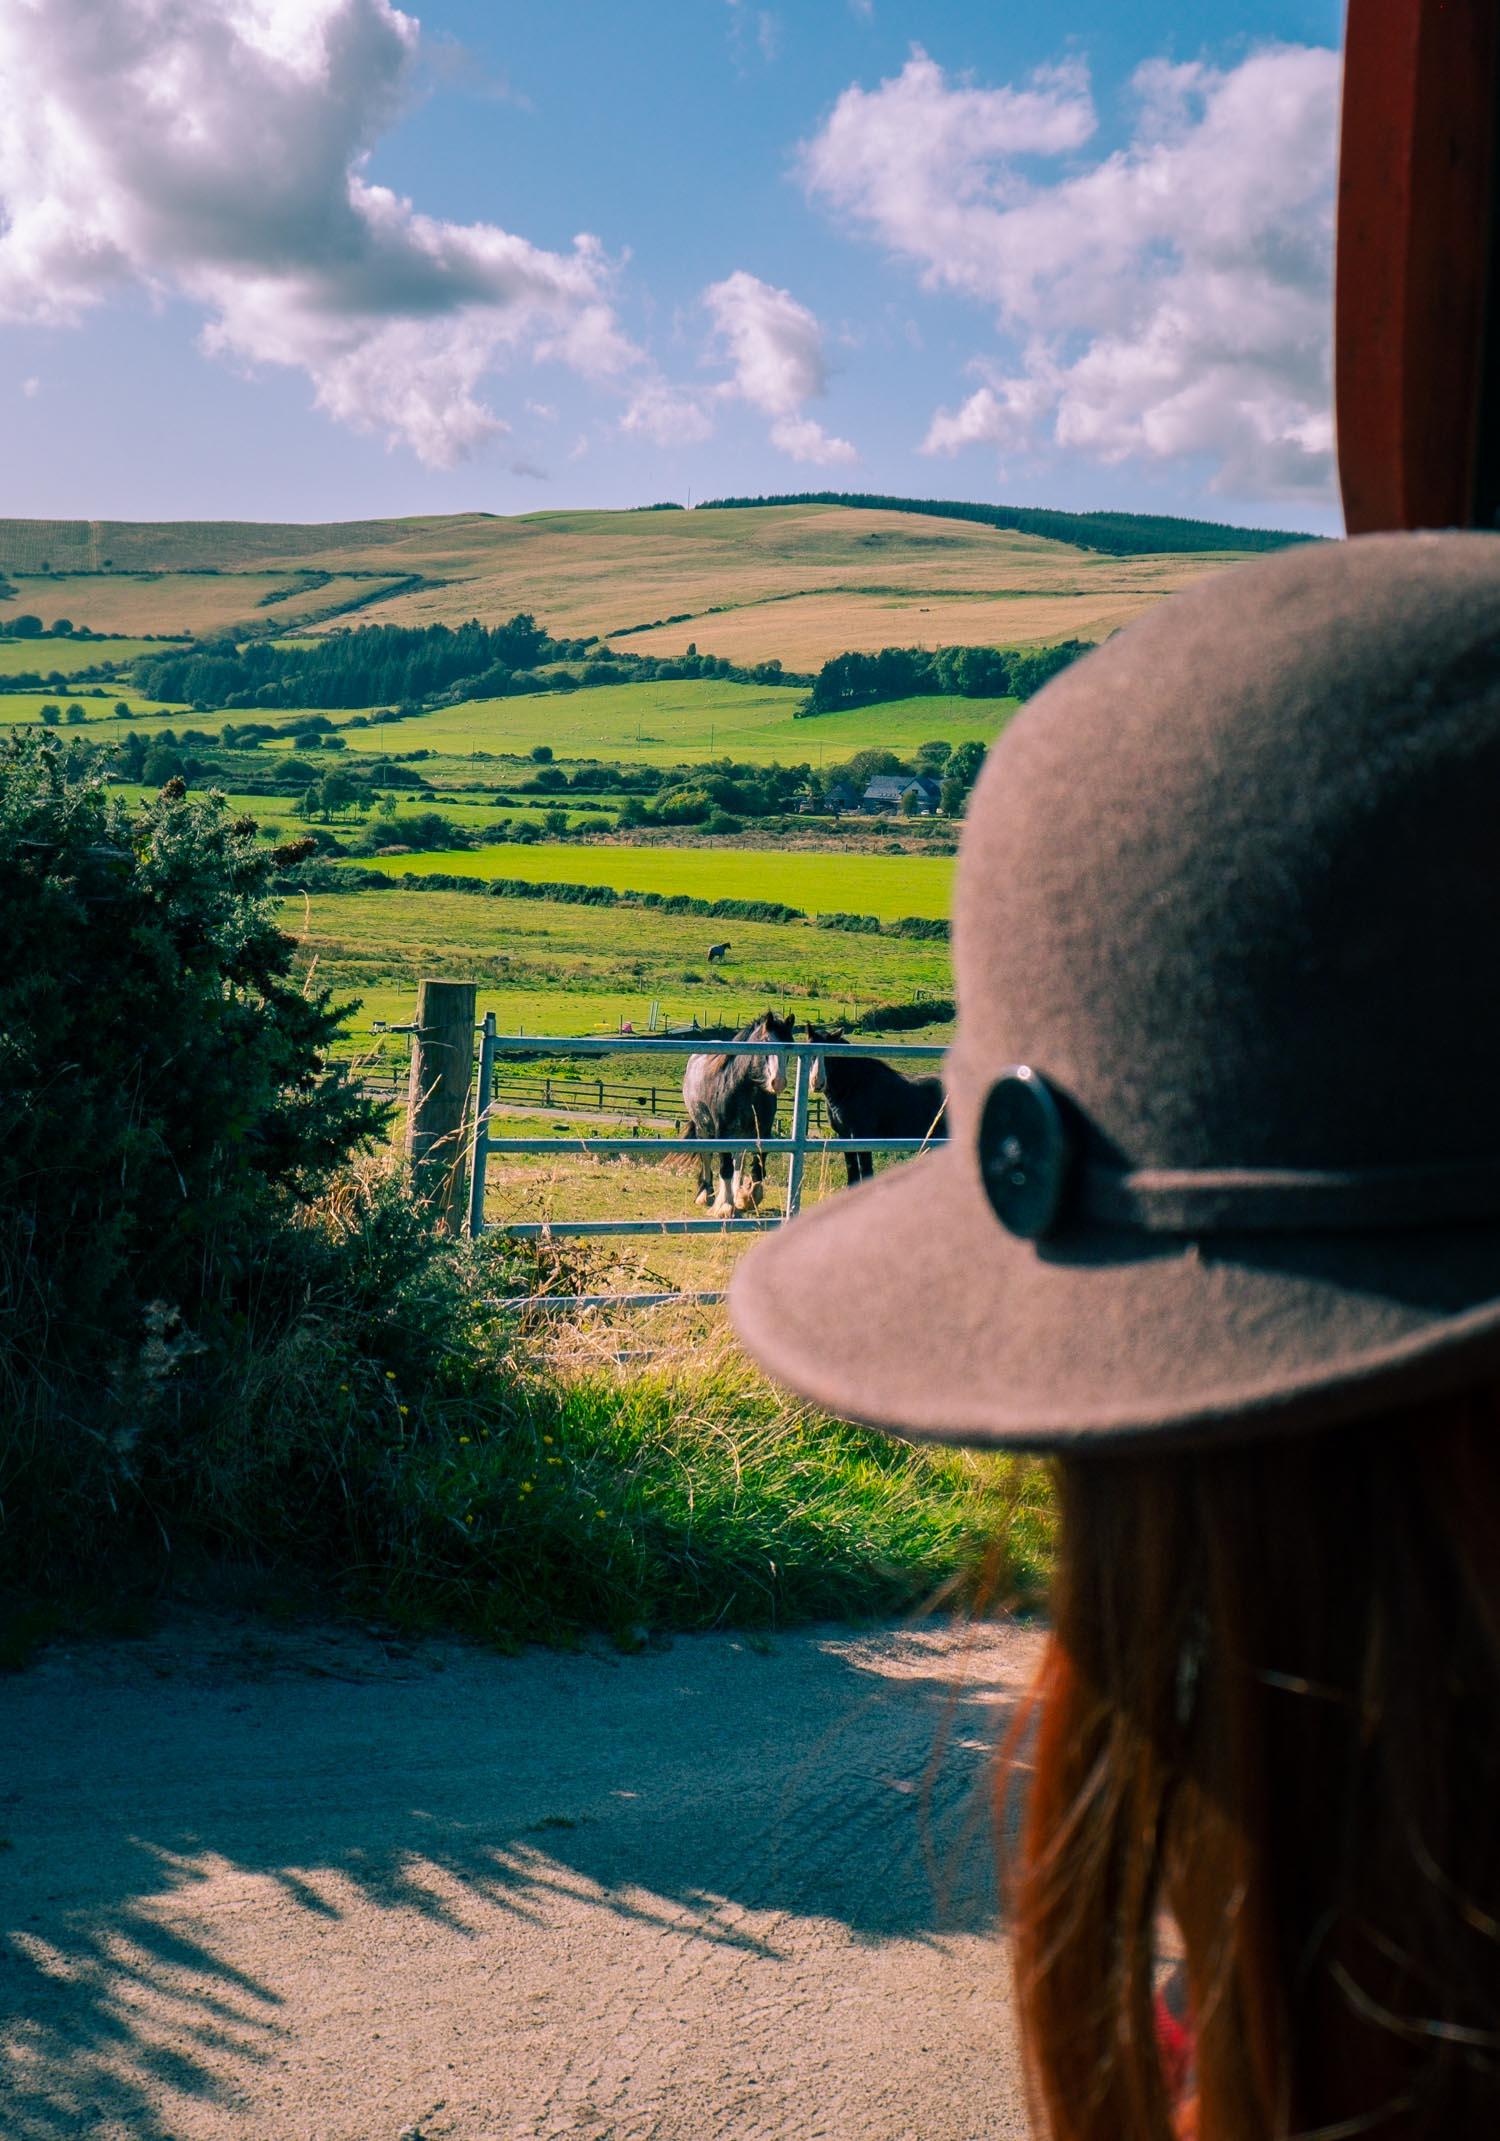 Utsikt från vår vagn på Irland